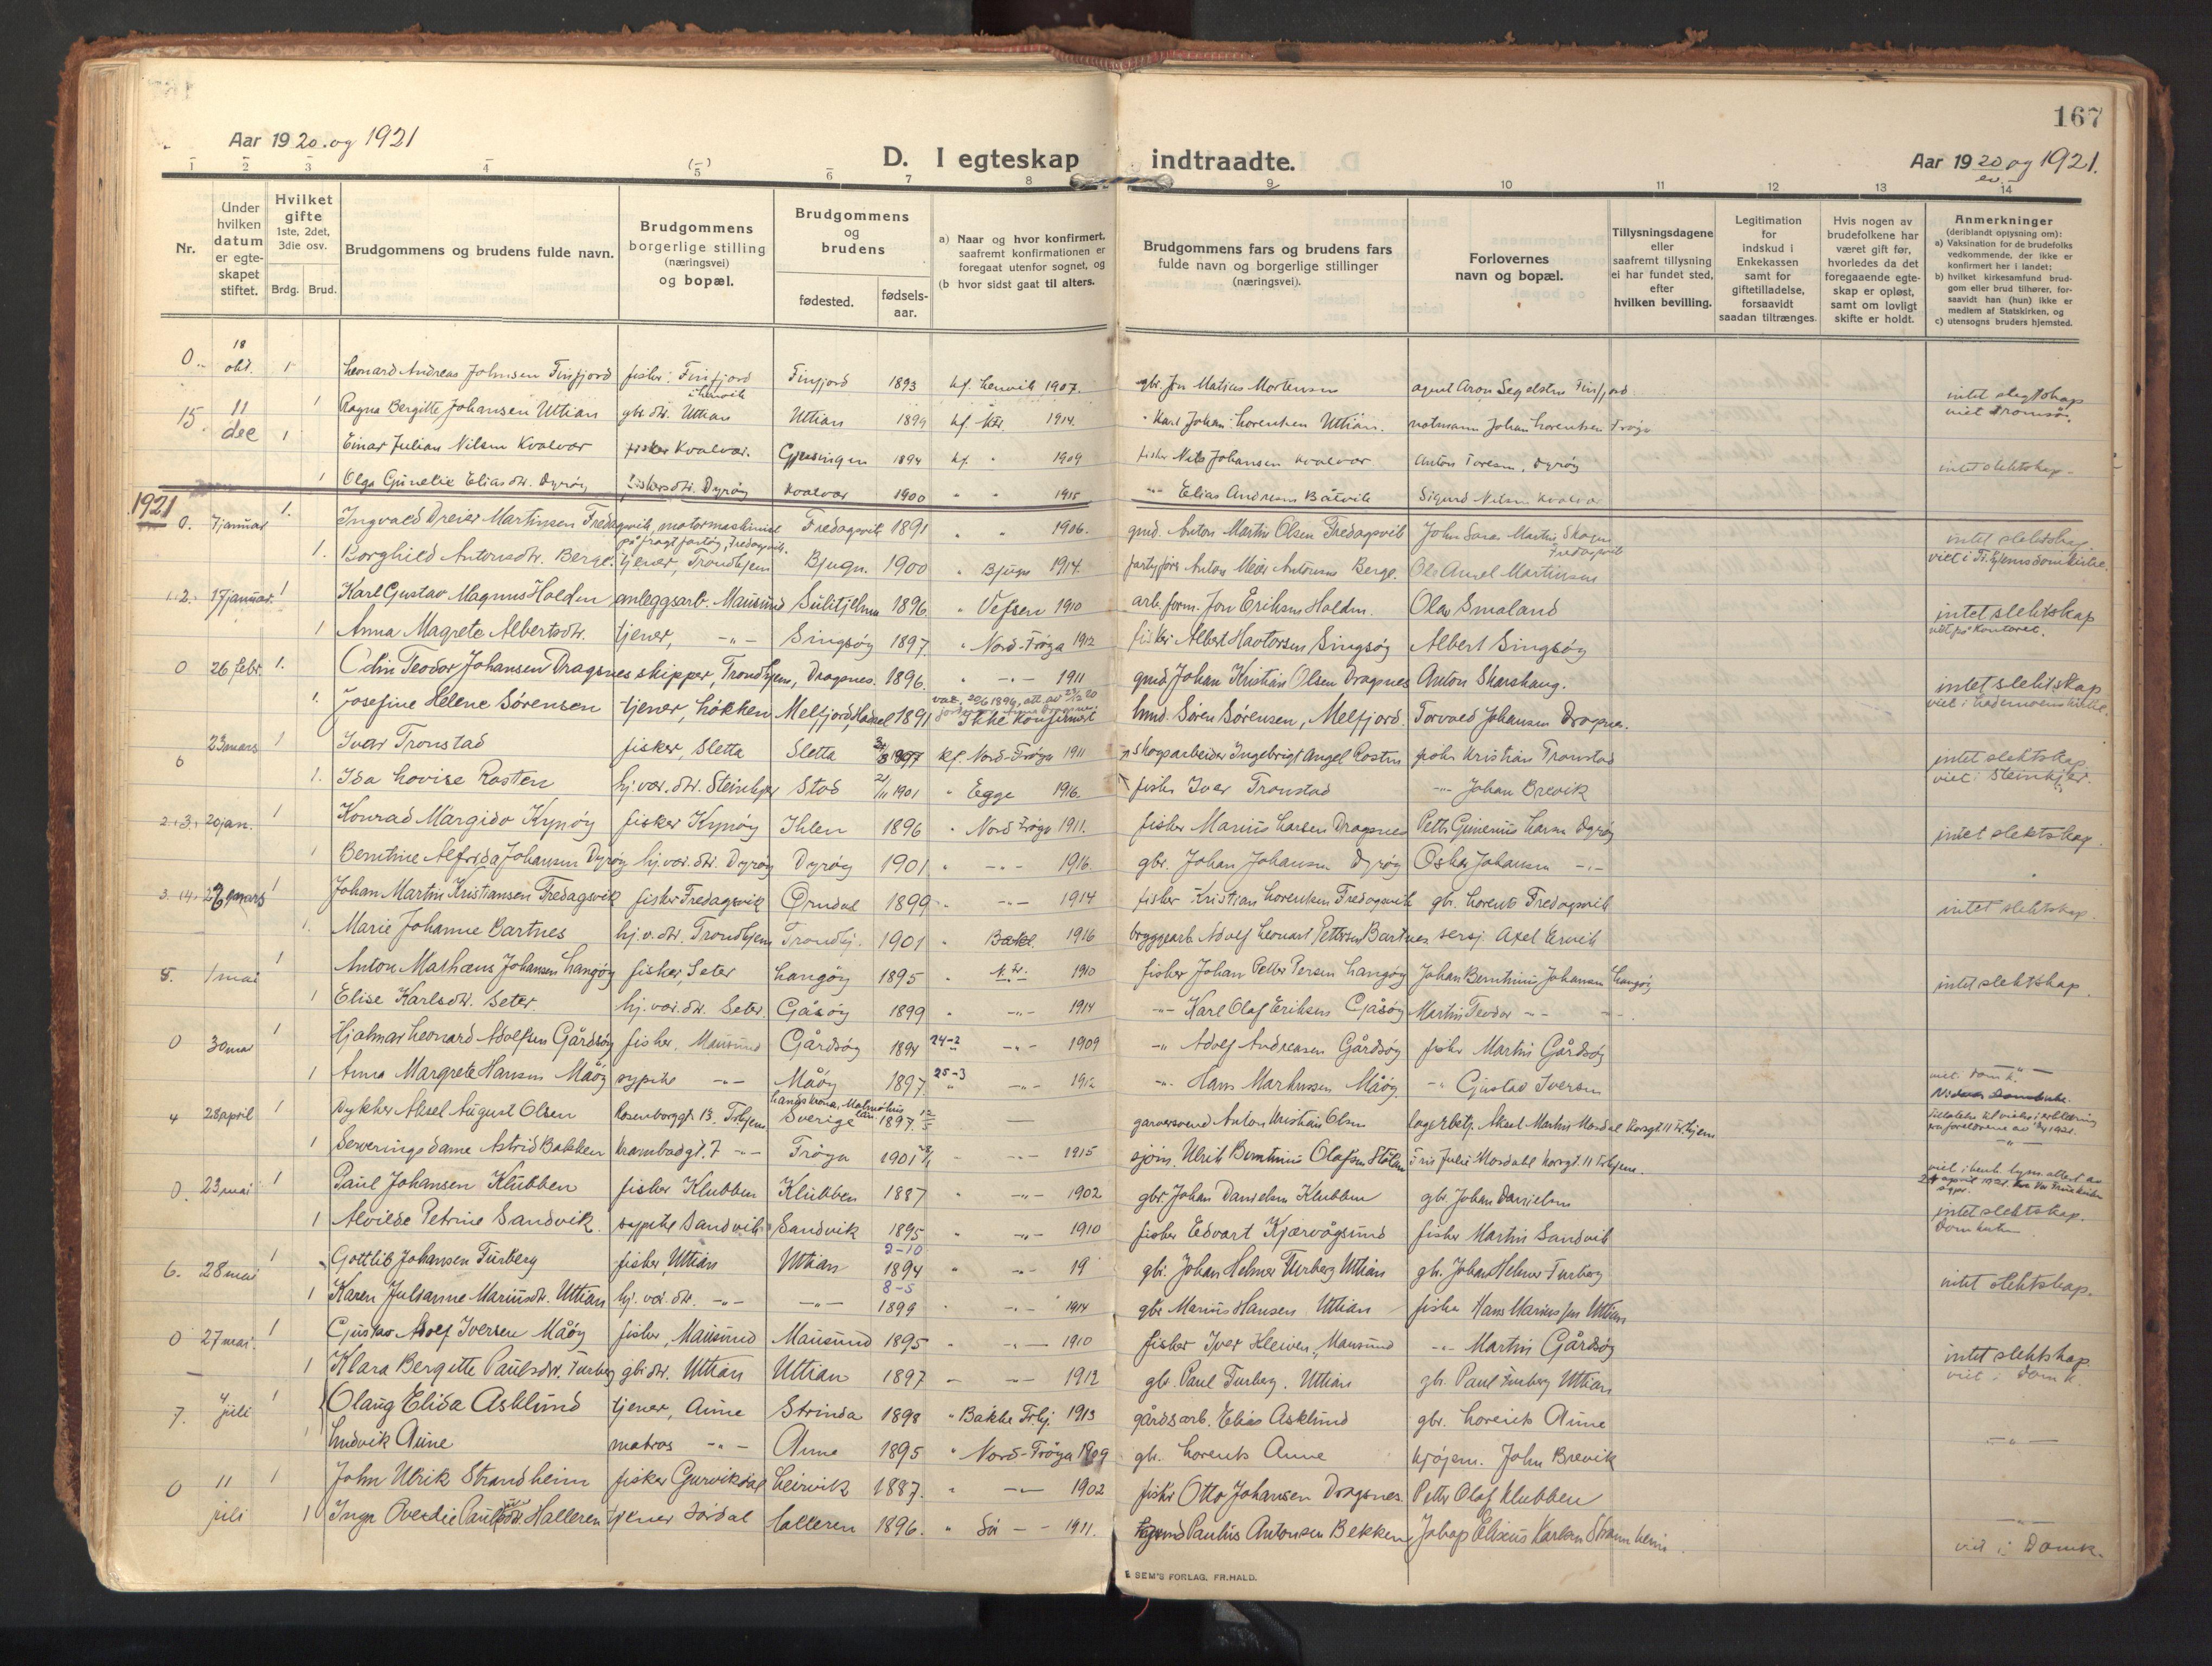 SAT, Ministerialprotokoller, klokkerbøker og fødselsregistre - Sør-Trøndelag, 640/L0581: Ministerialbok nr. 640A06, 1910-1924, s. 167